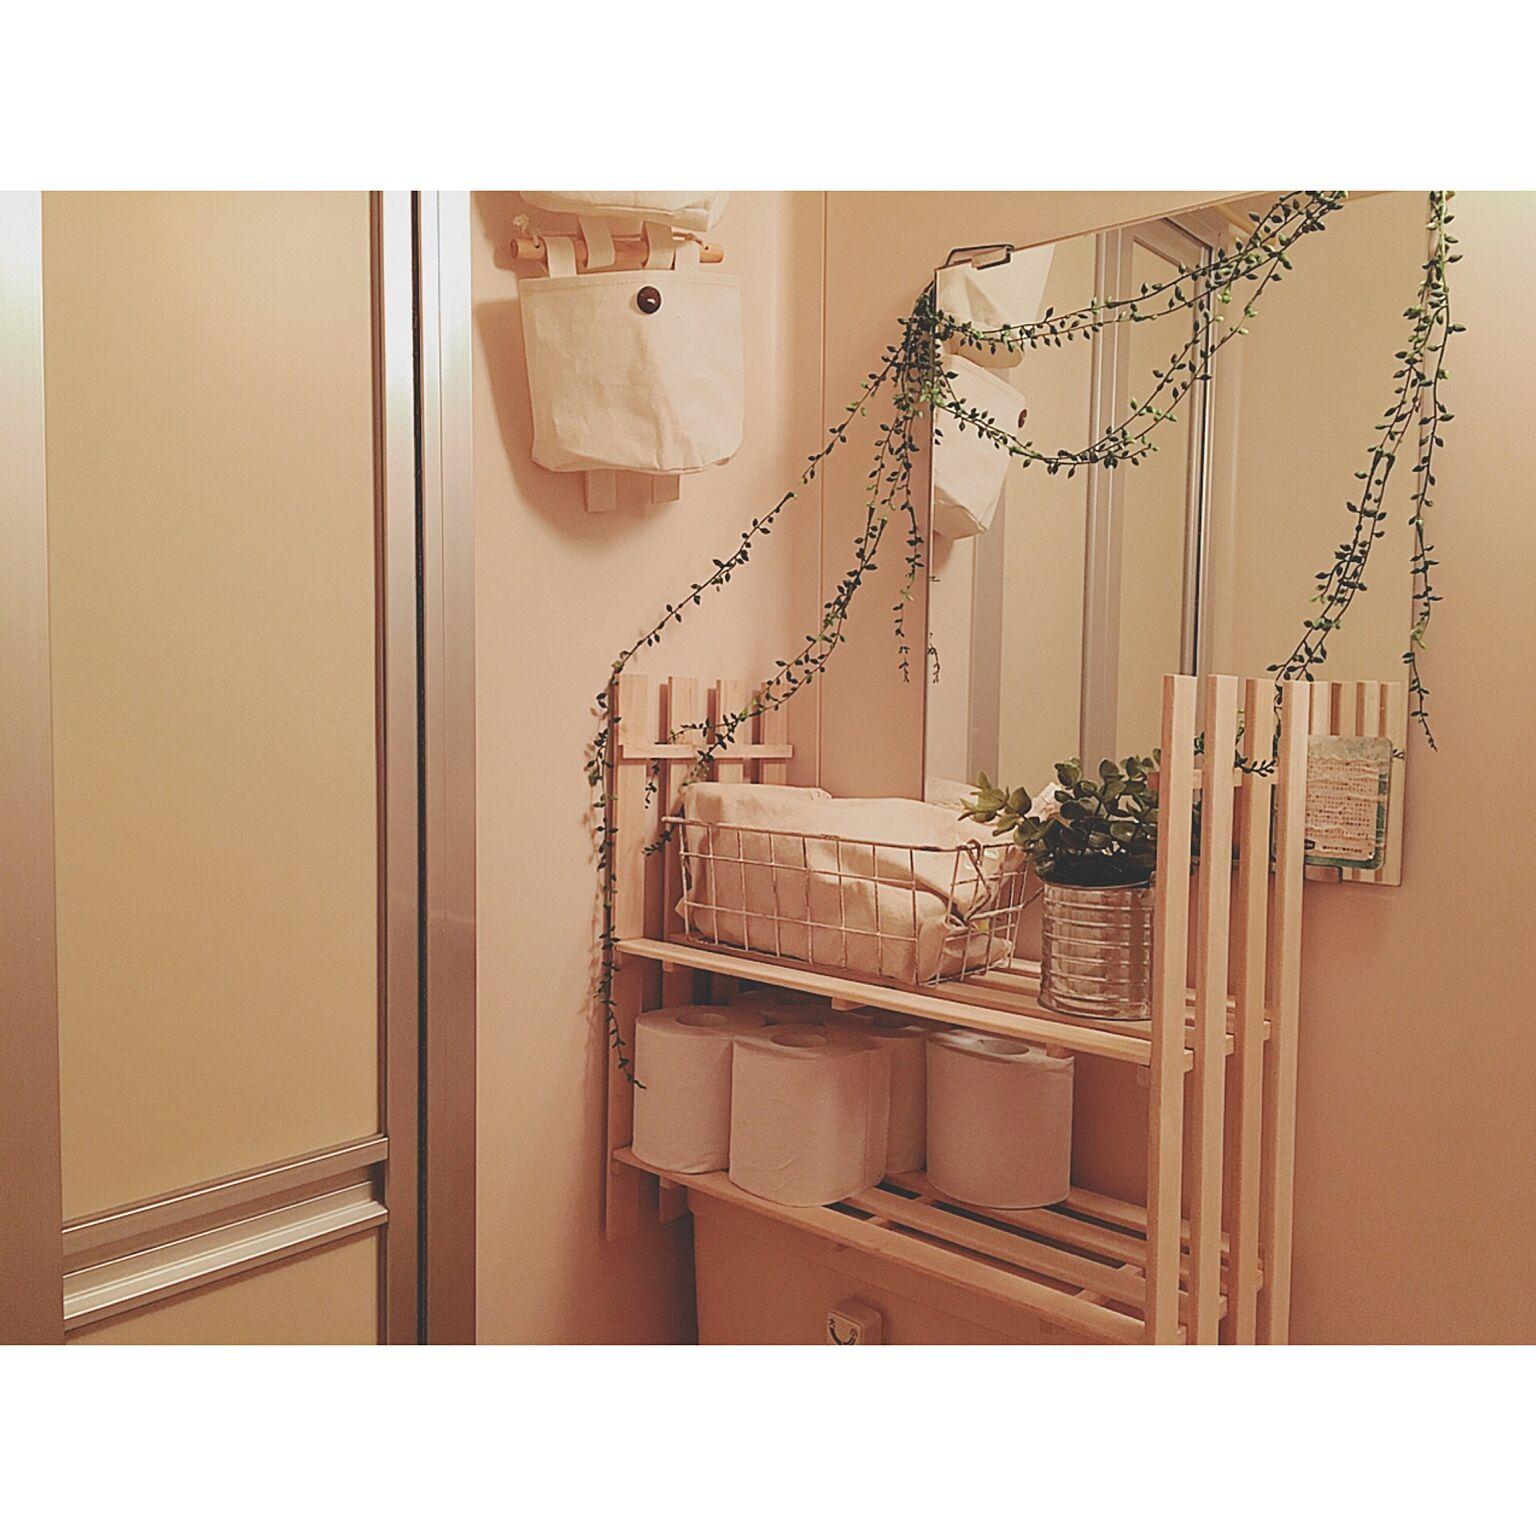 トイレタンクの上に棚を設置